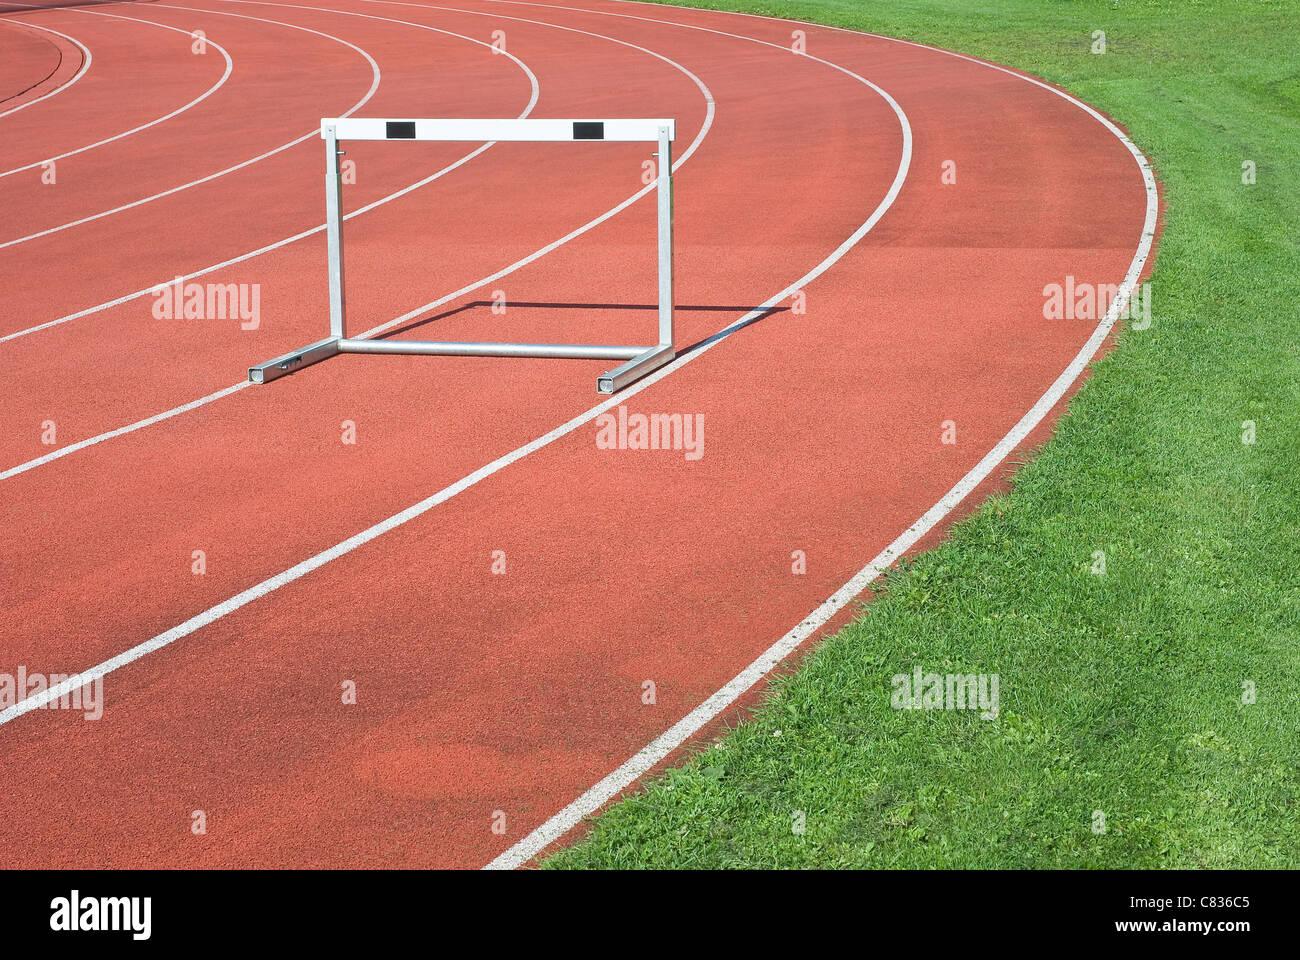 Atletica leggera come simbolo della determinazione del personale e la competitività Immagini Stock